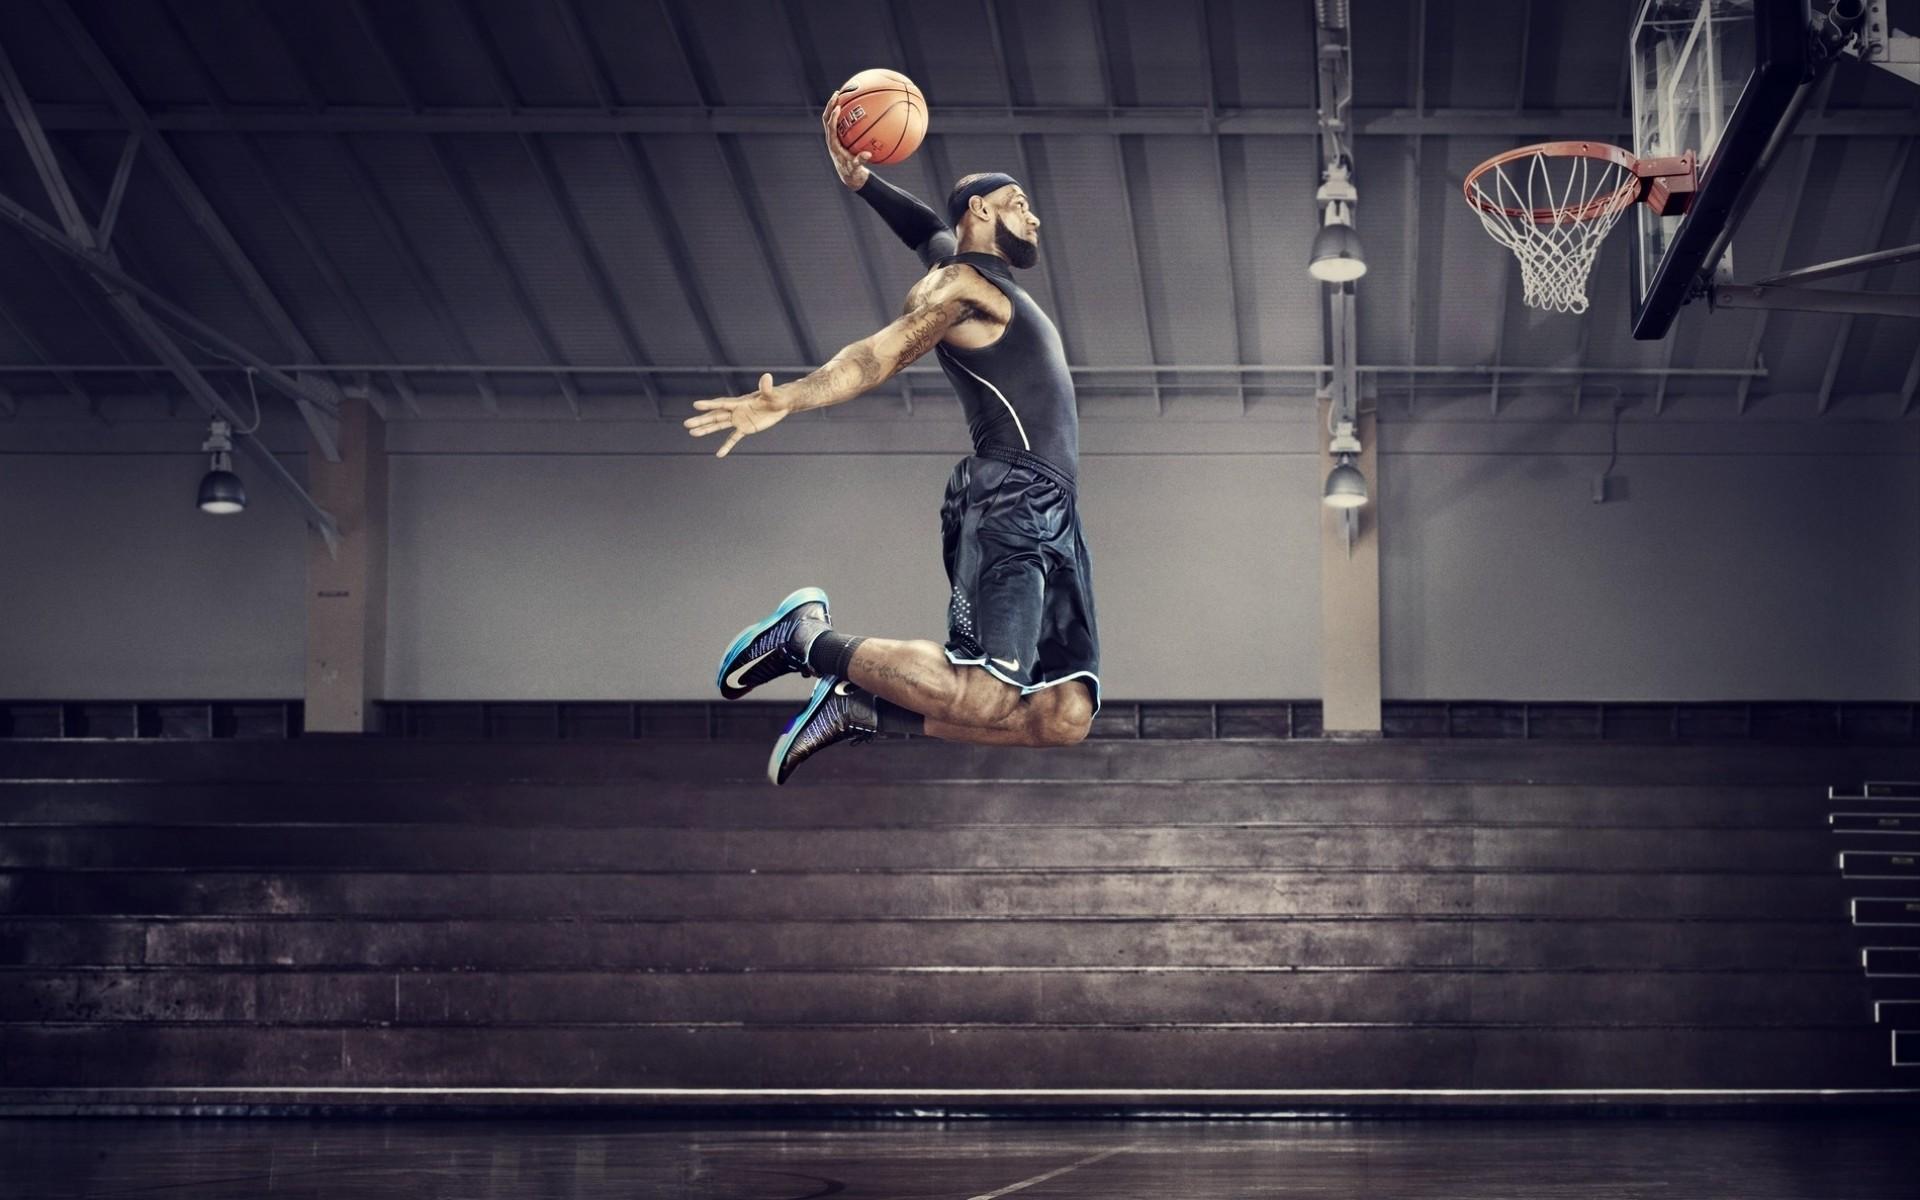 3000x2000 Lebron James Nike Wallpaper